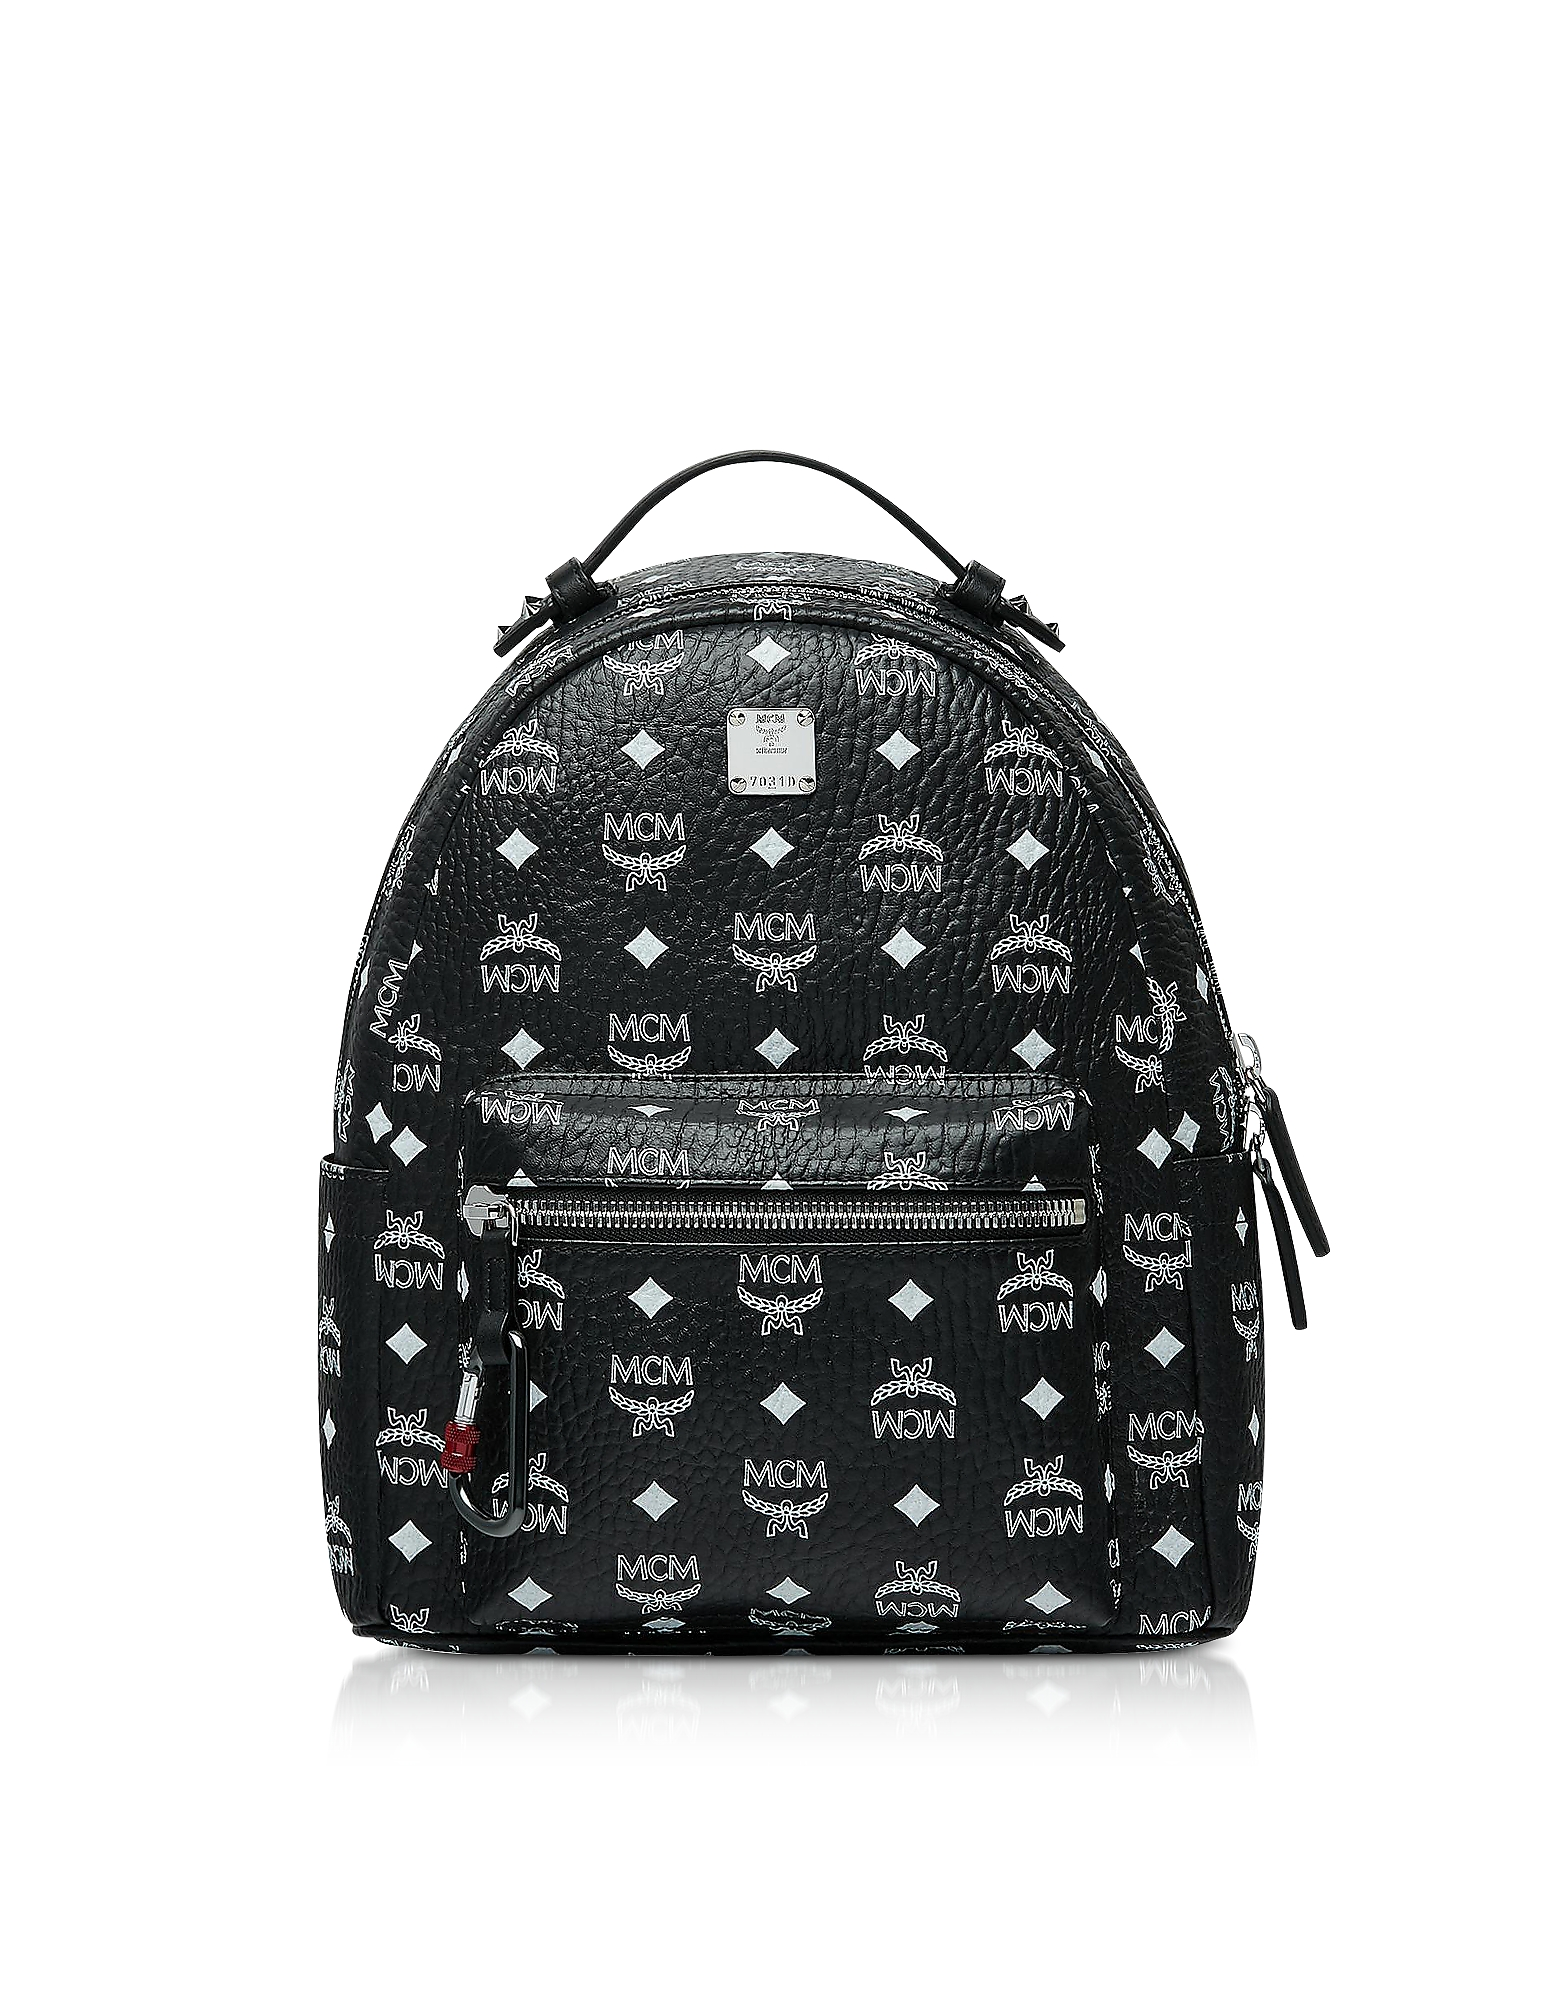 Black Stark Backpack w/White Logo Visetos 32